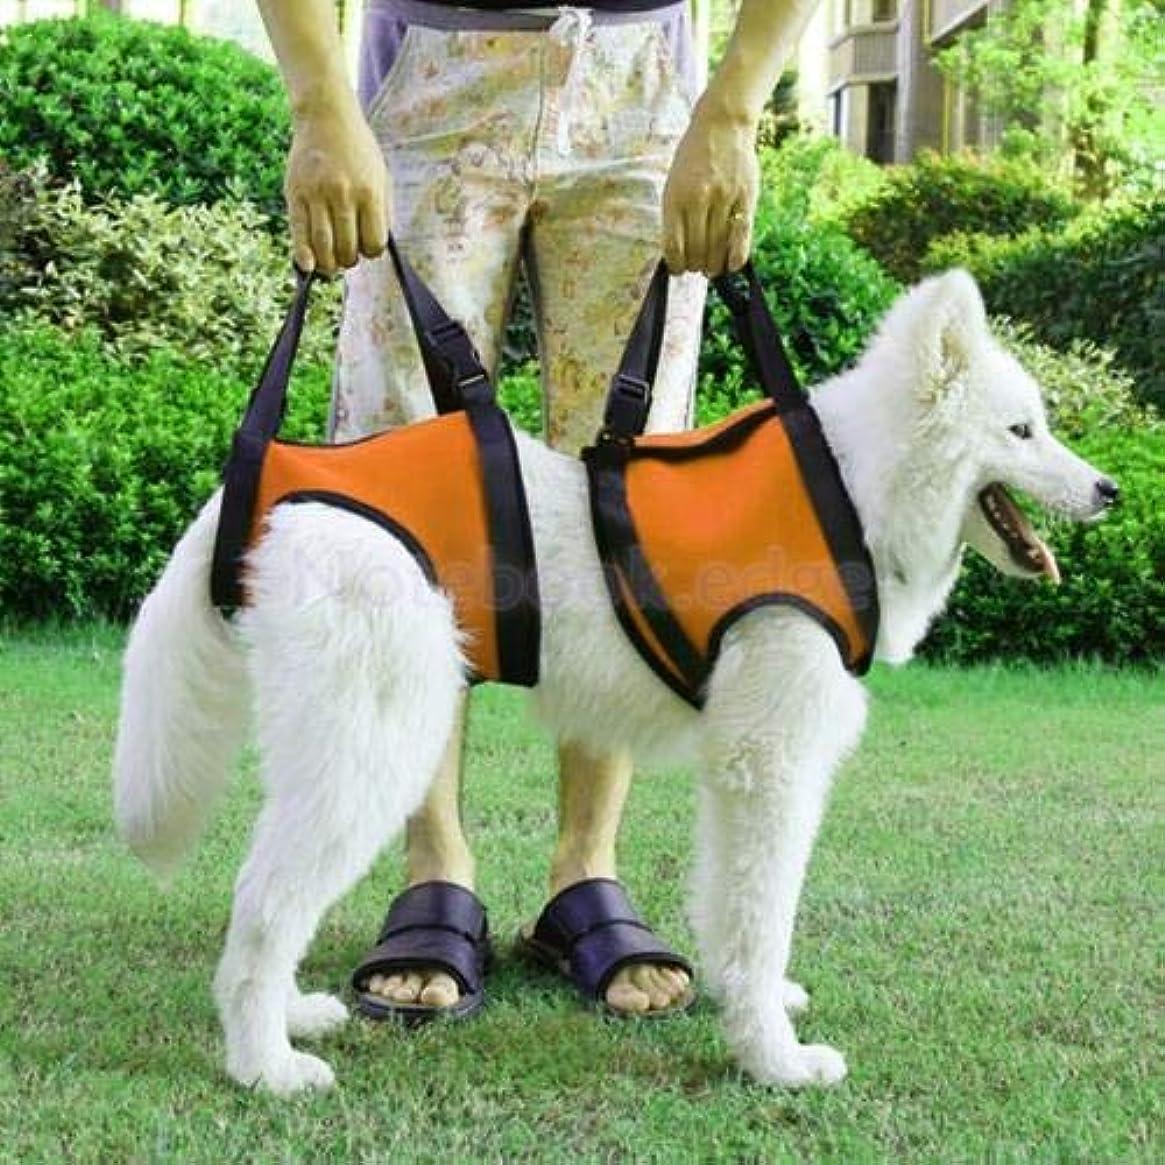 洗う規制スイス人FidgetGear Rehabilitation Sling Support Dog Lift Harness Set w/Handle for Sick Old Pet Aid Orange L